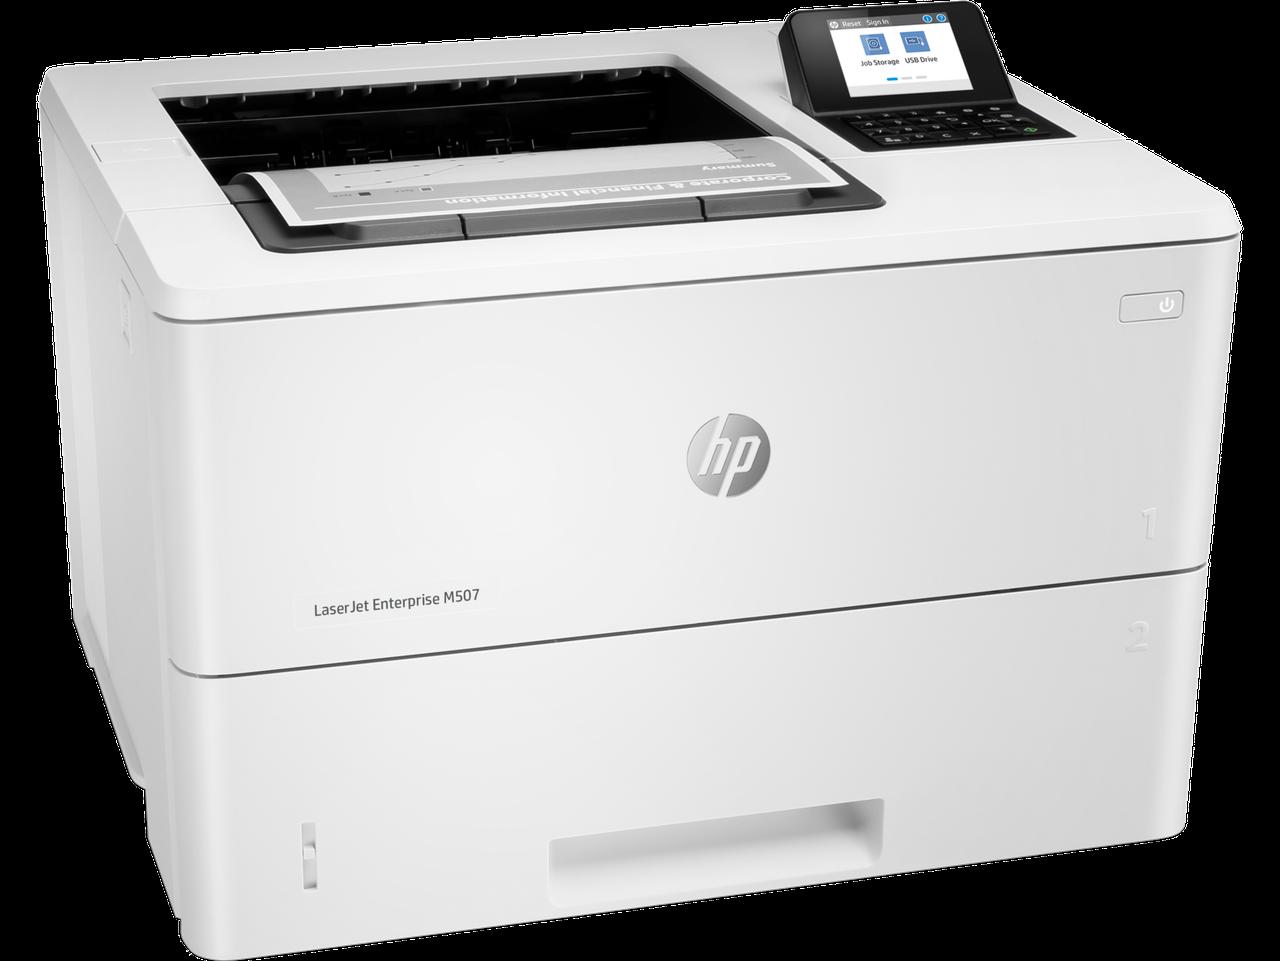 ПринтерHP 1PV87A HP LaserJet Enterprise M507dn Printer (A4) , 1200 dpi, 43 ppm, 512MB, 1.2Ghz, tray 100+550 p